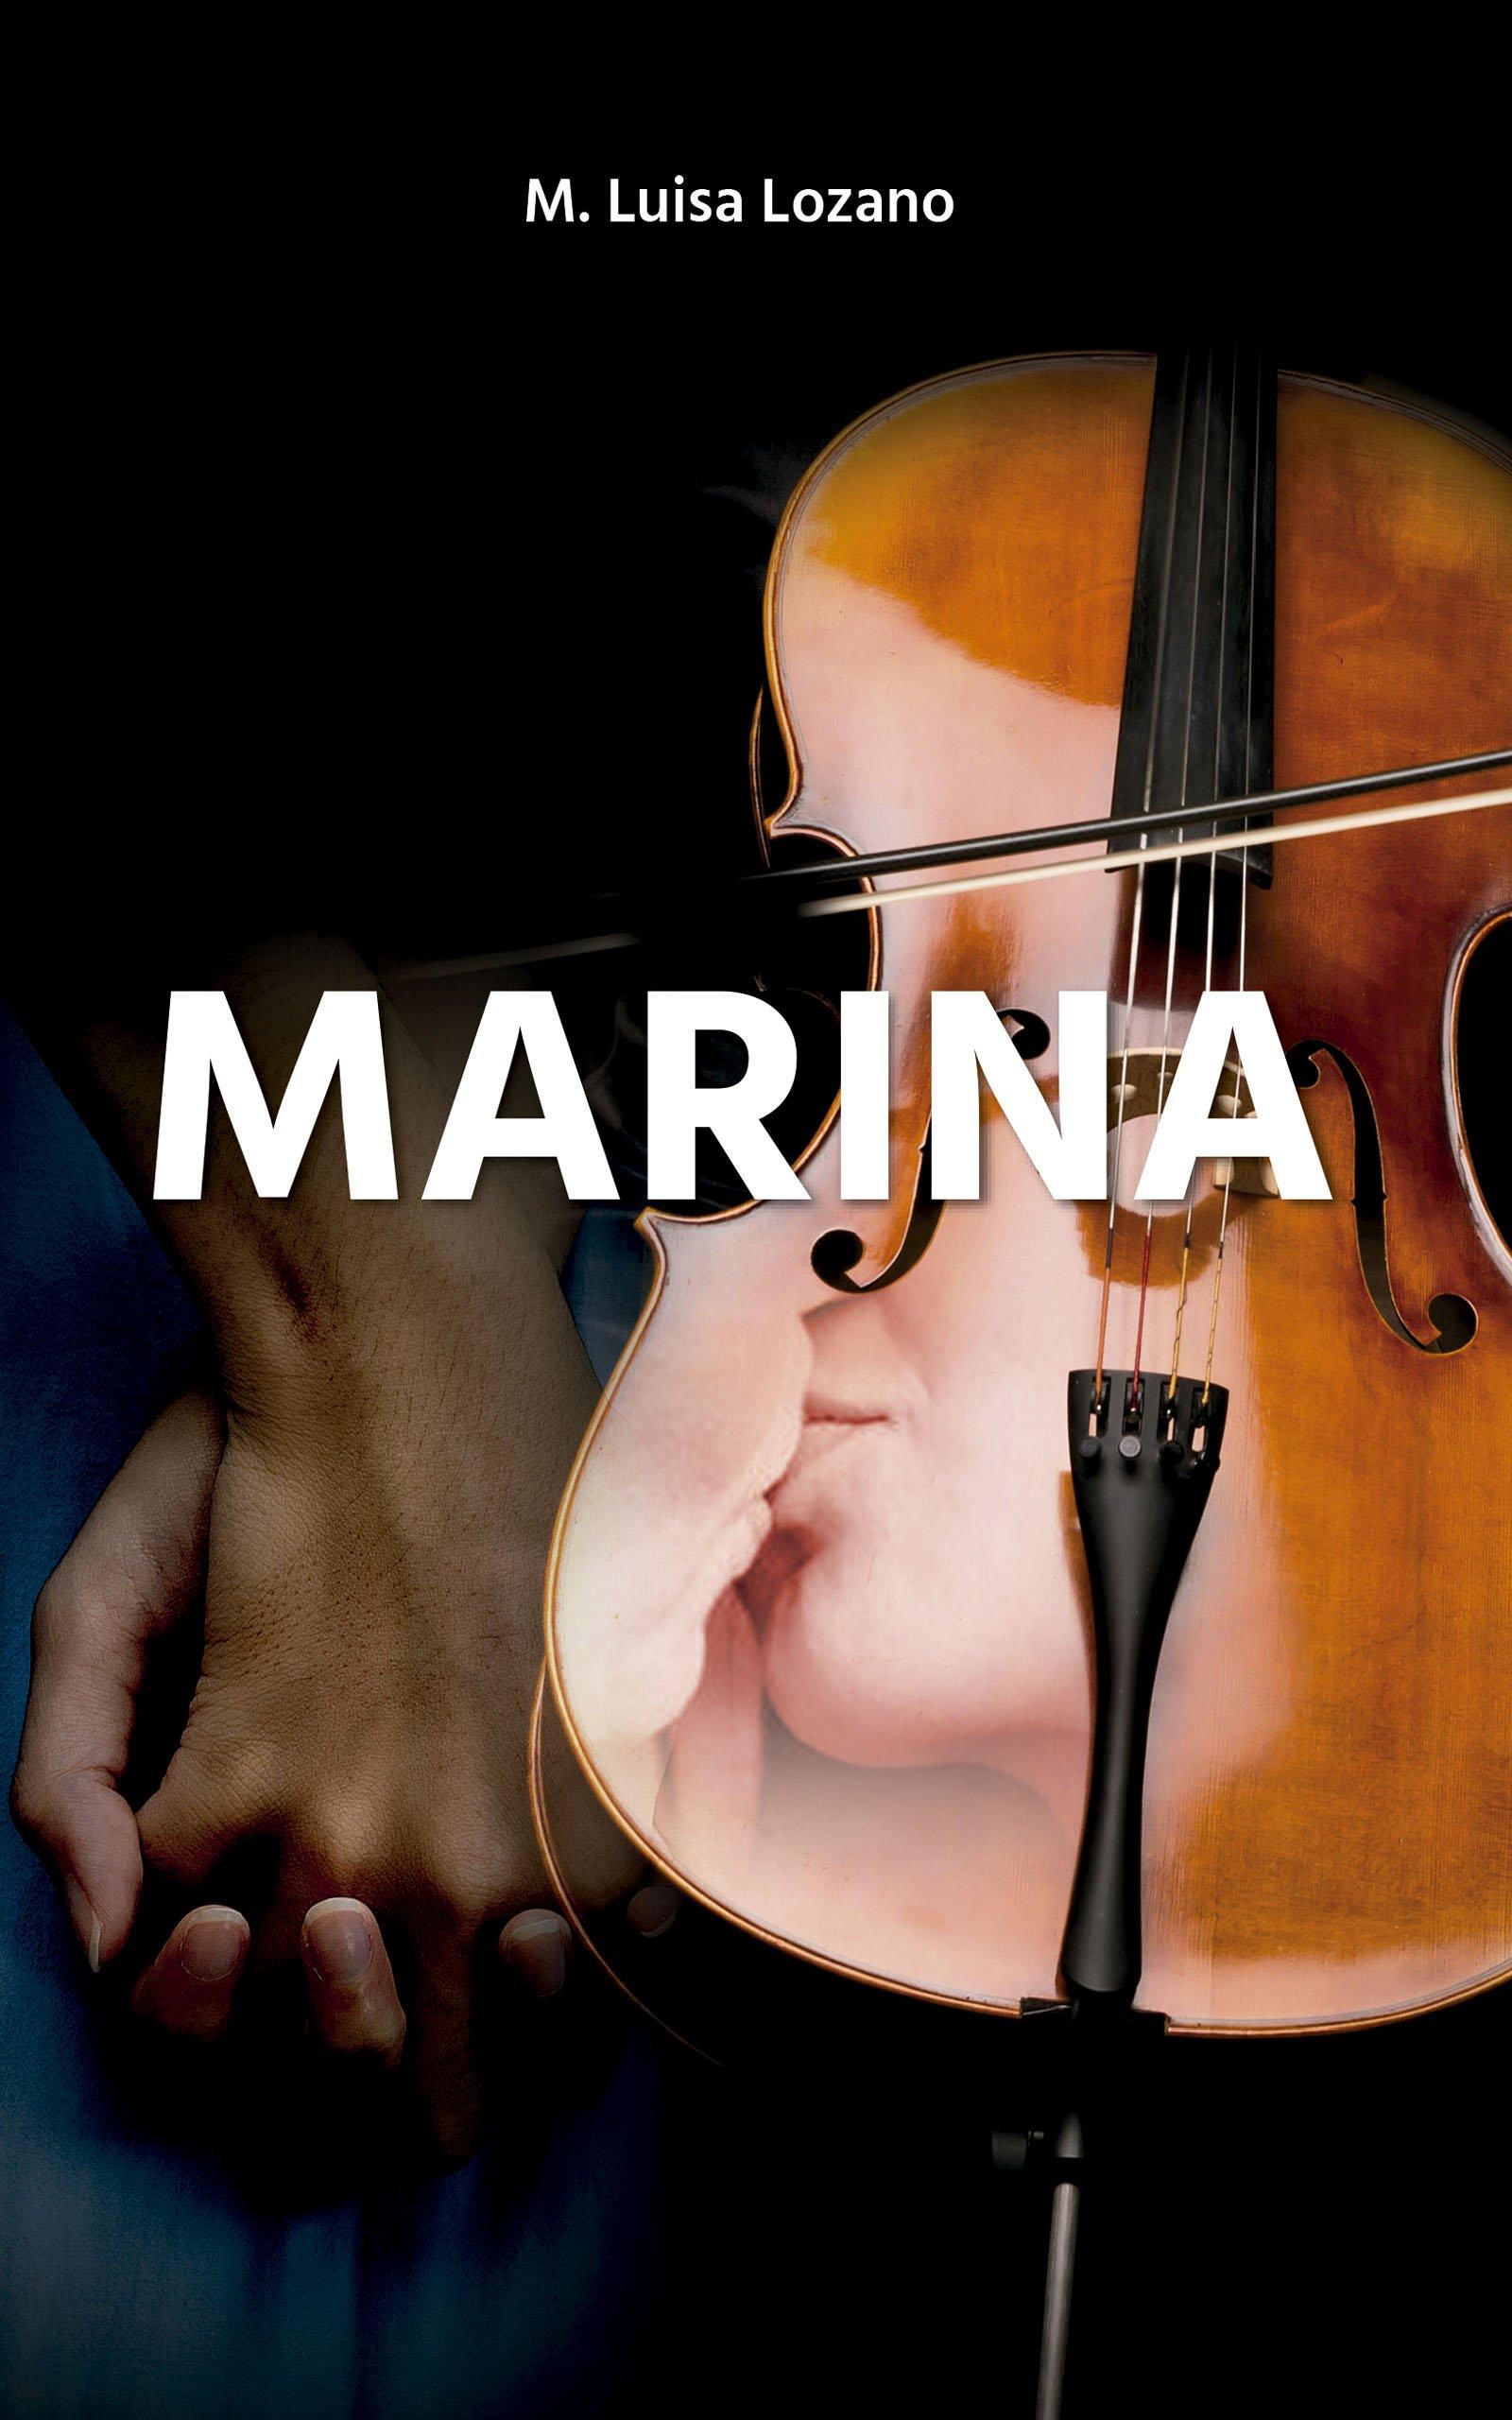 Marina, de M. Luisa Lozano